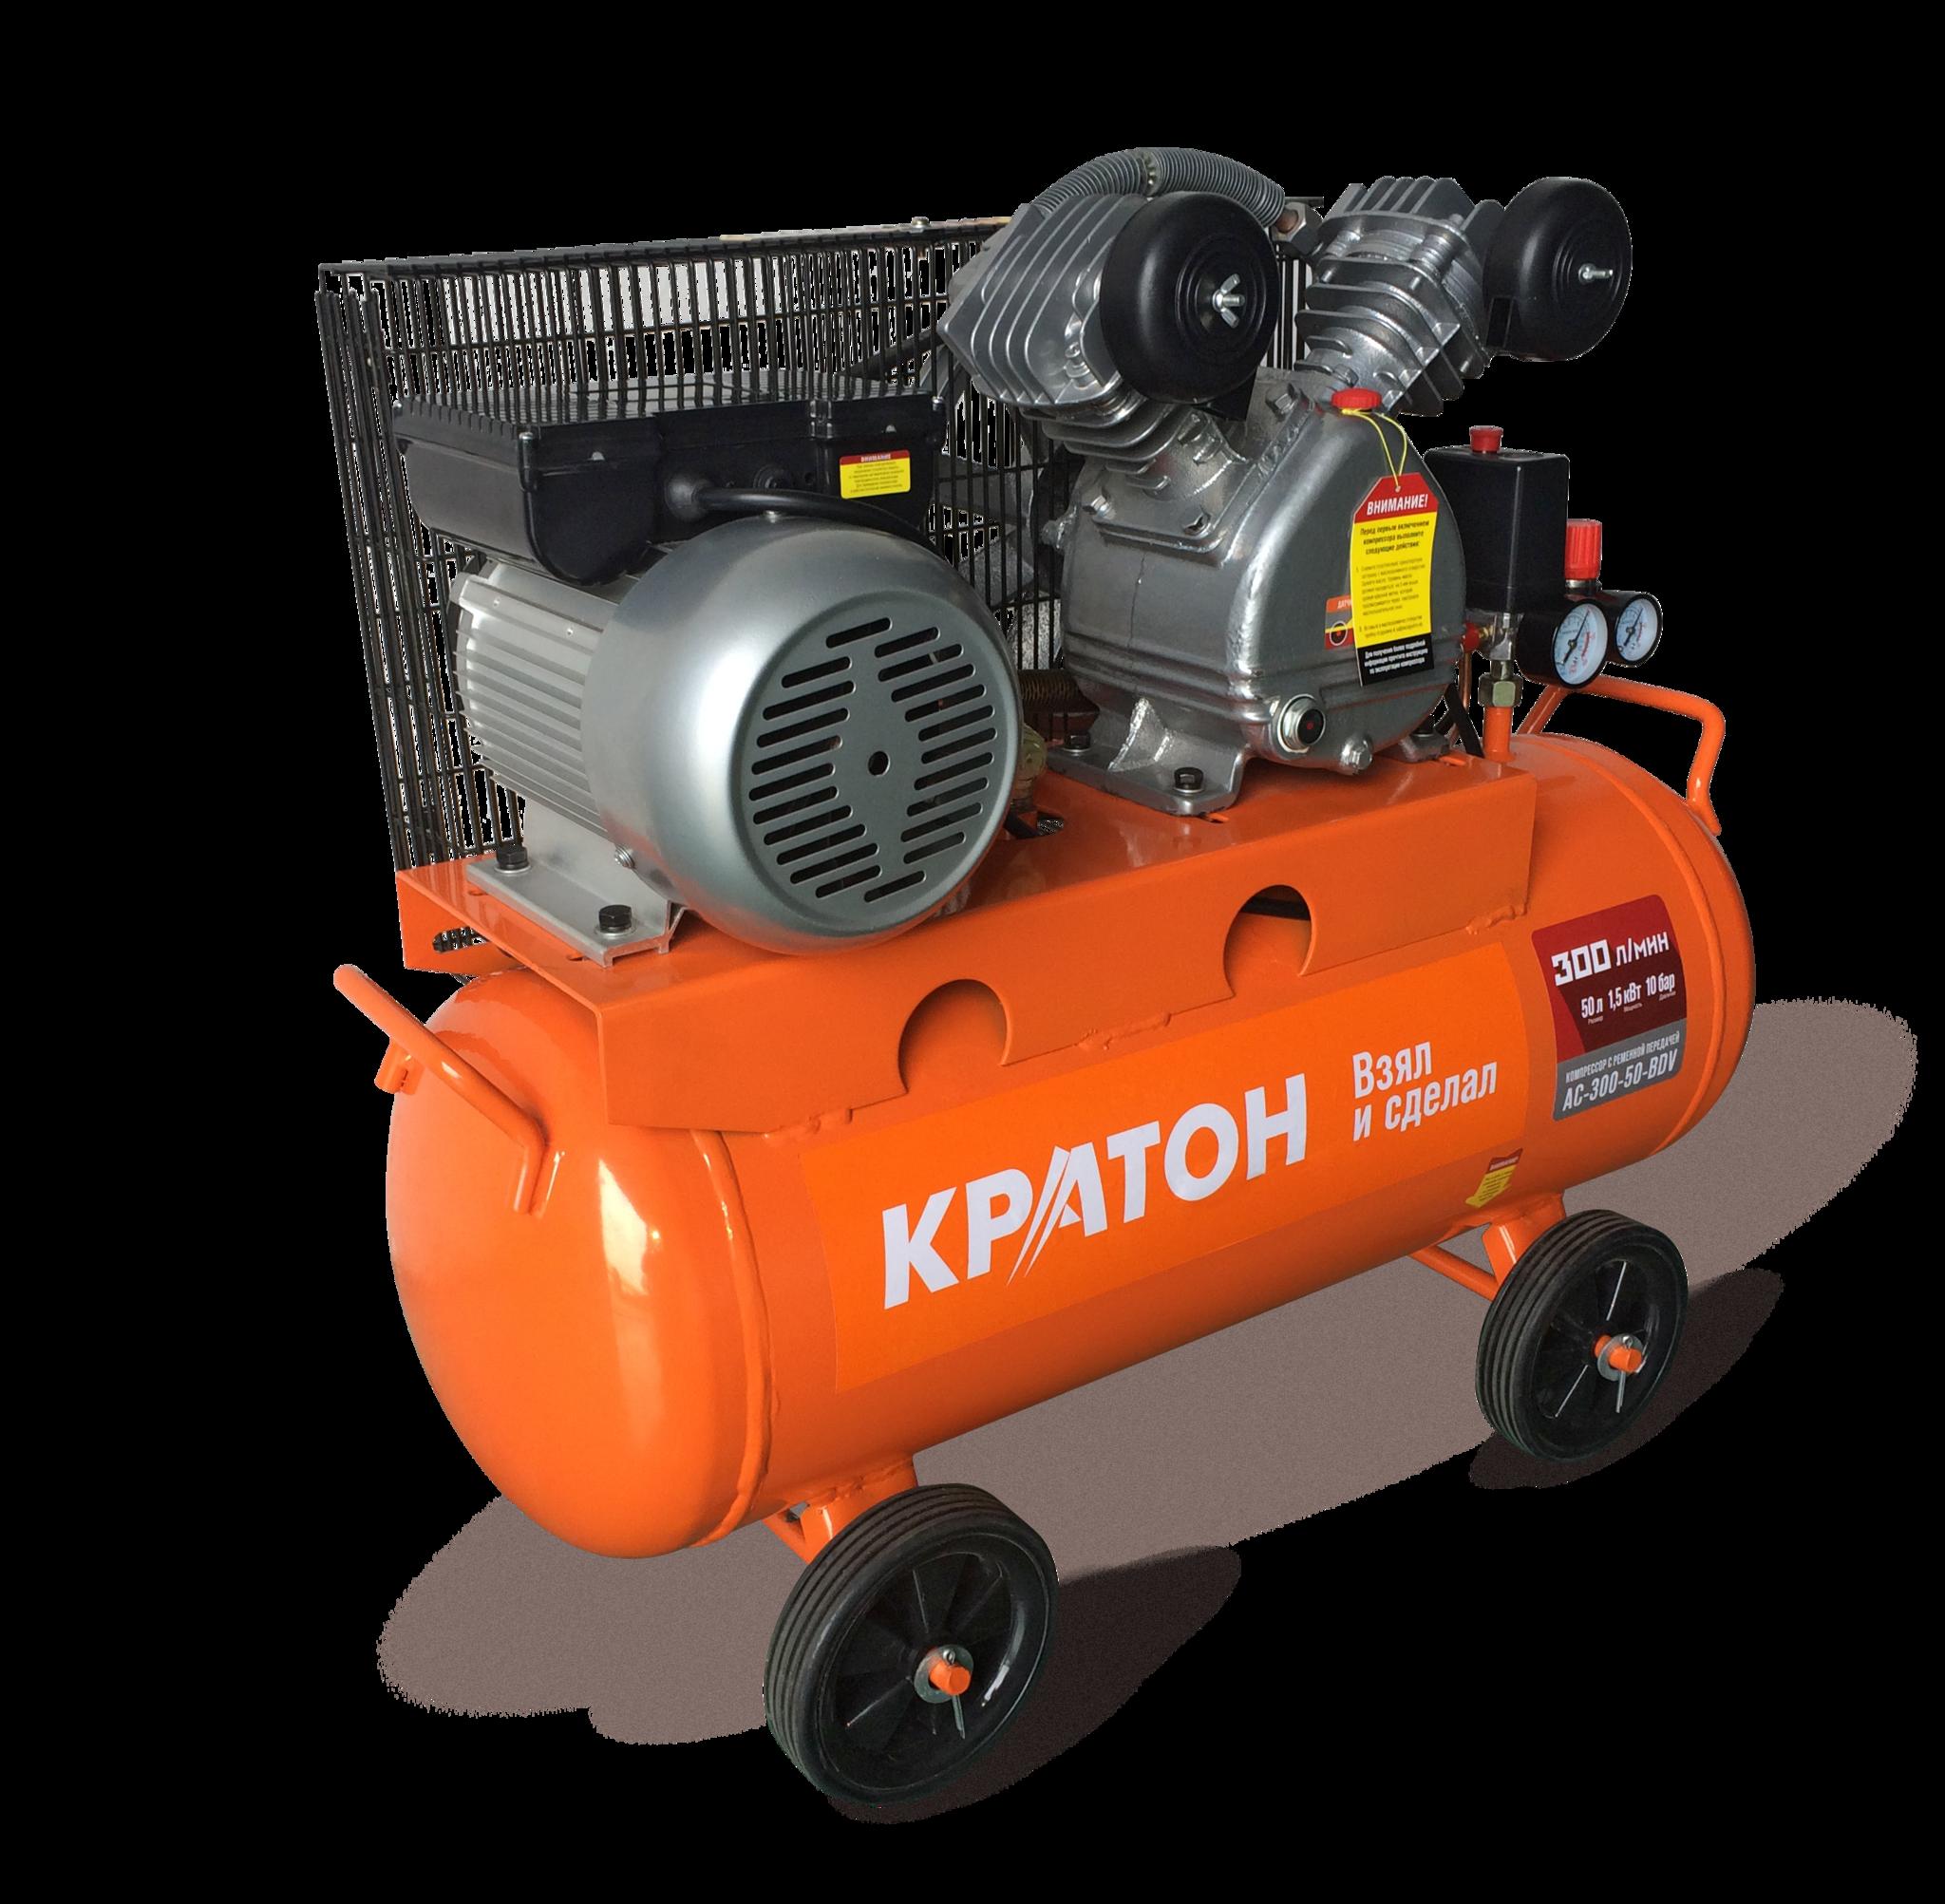 КРАТОН Компрессор с ременной передачей Кратон AC-300-50-BDV AC-300-50-BDV.png